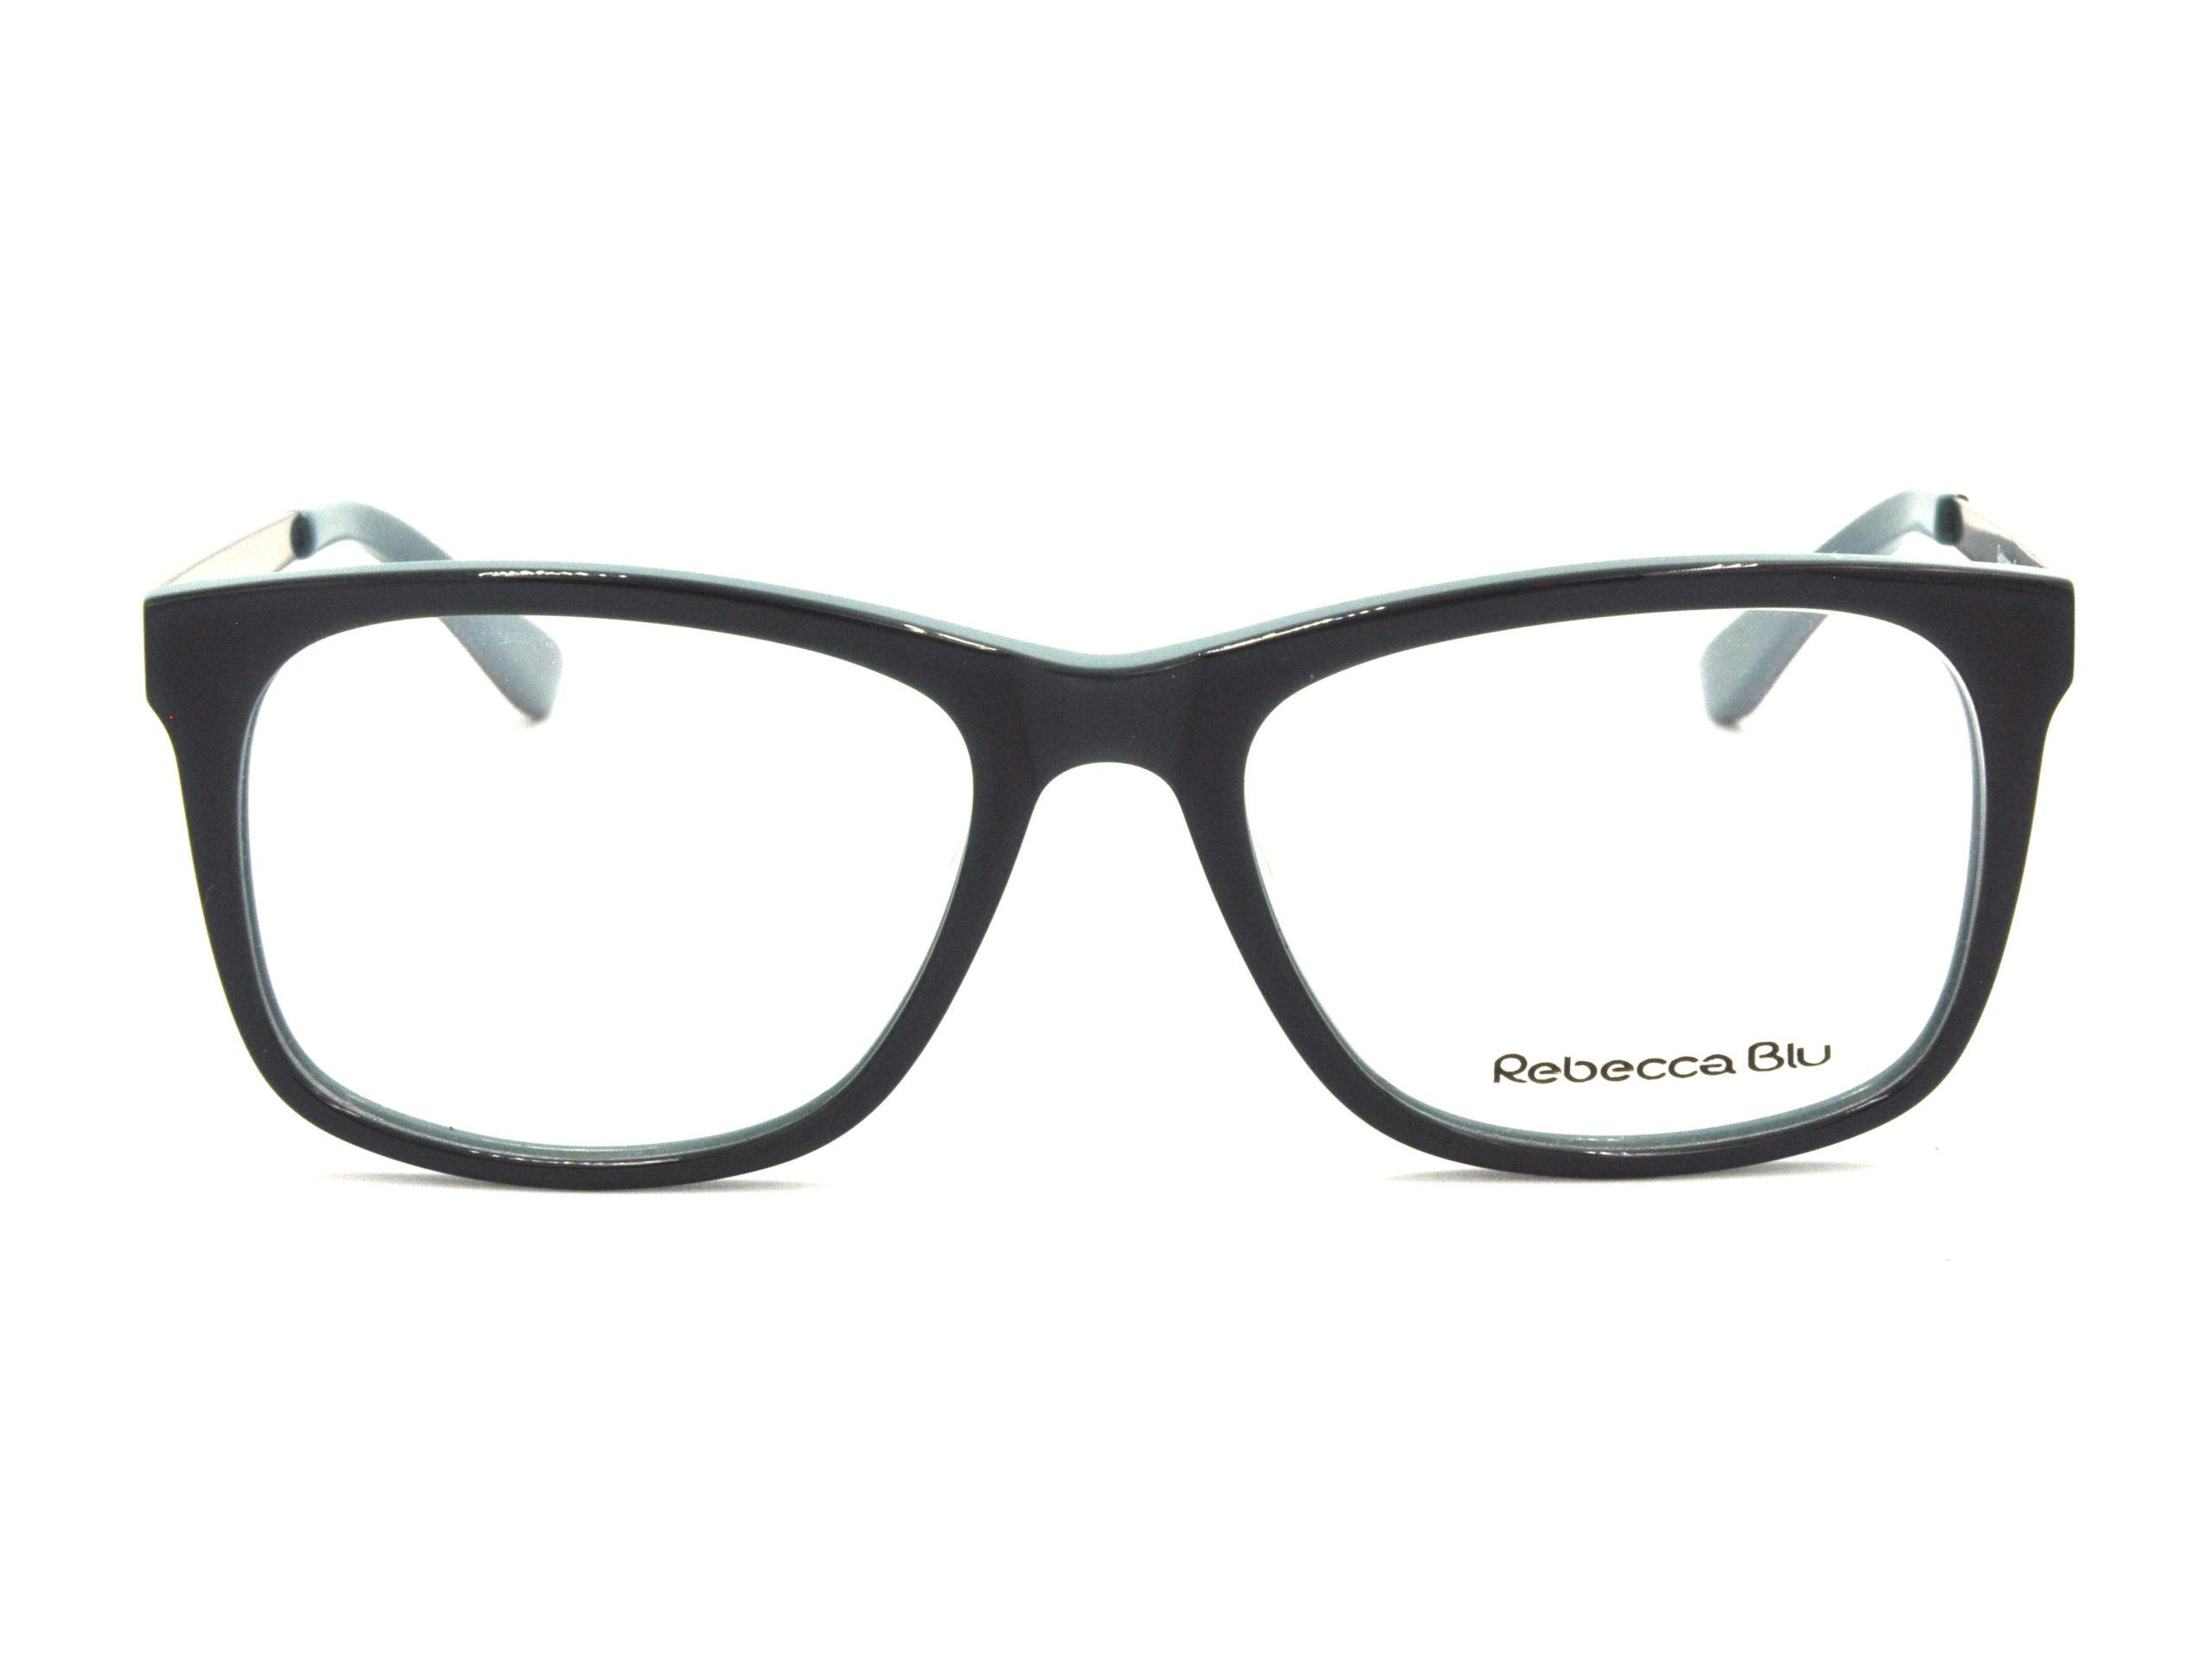 Γυαλιά οράσεως REBECCA BLU RB7448 RE09 52-17-135 Πειραιάς